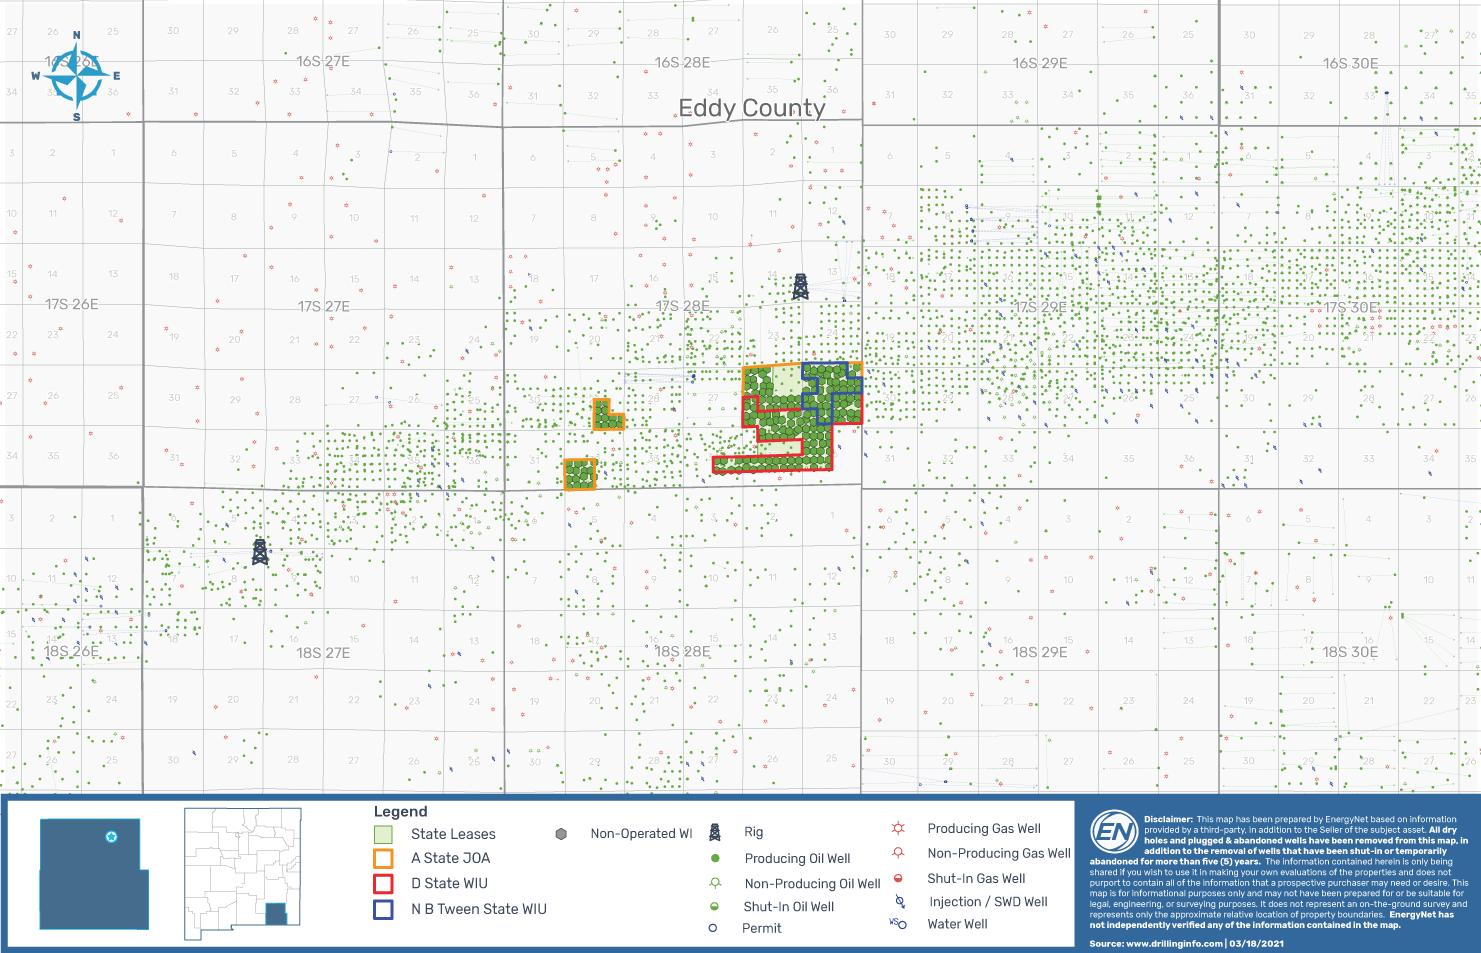 EnergyNet Lot 73482 - نقشه بسته های املاک EOG Resources 205